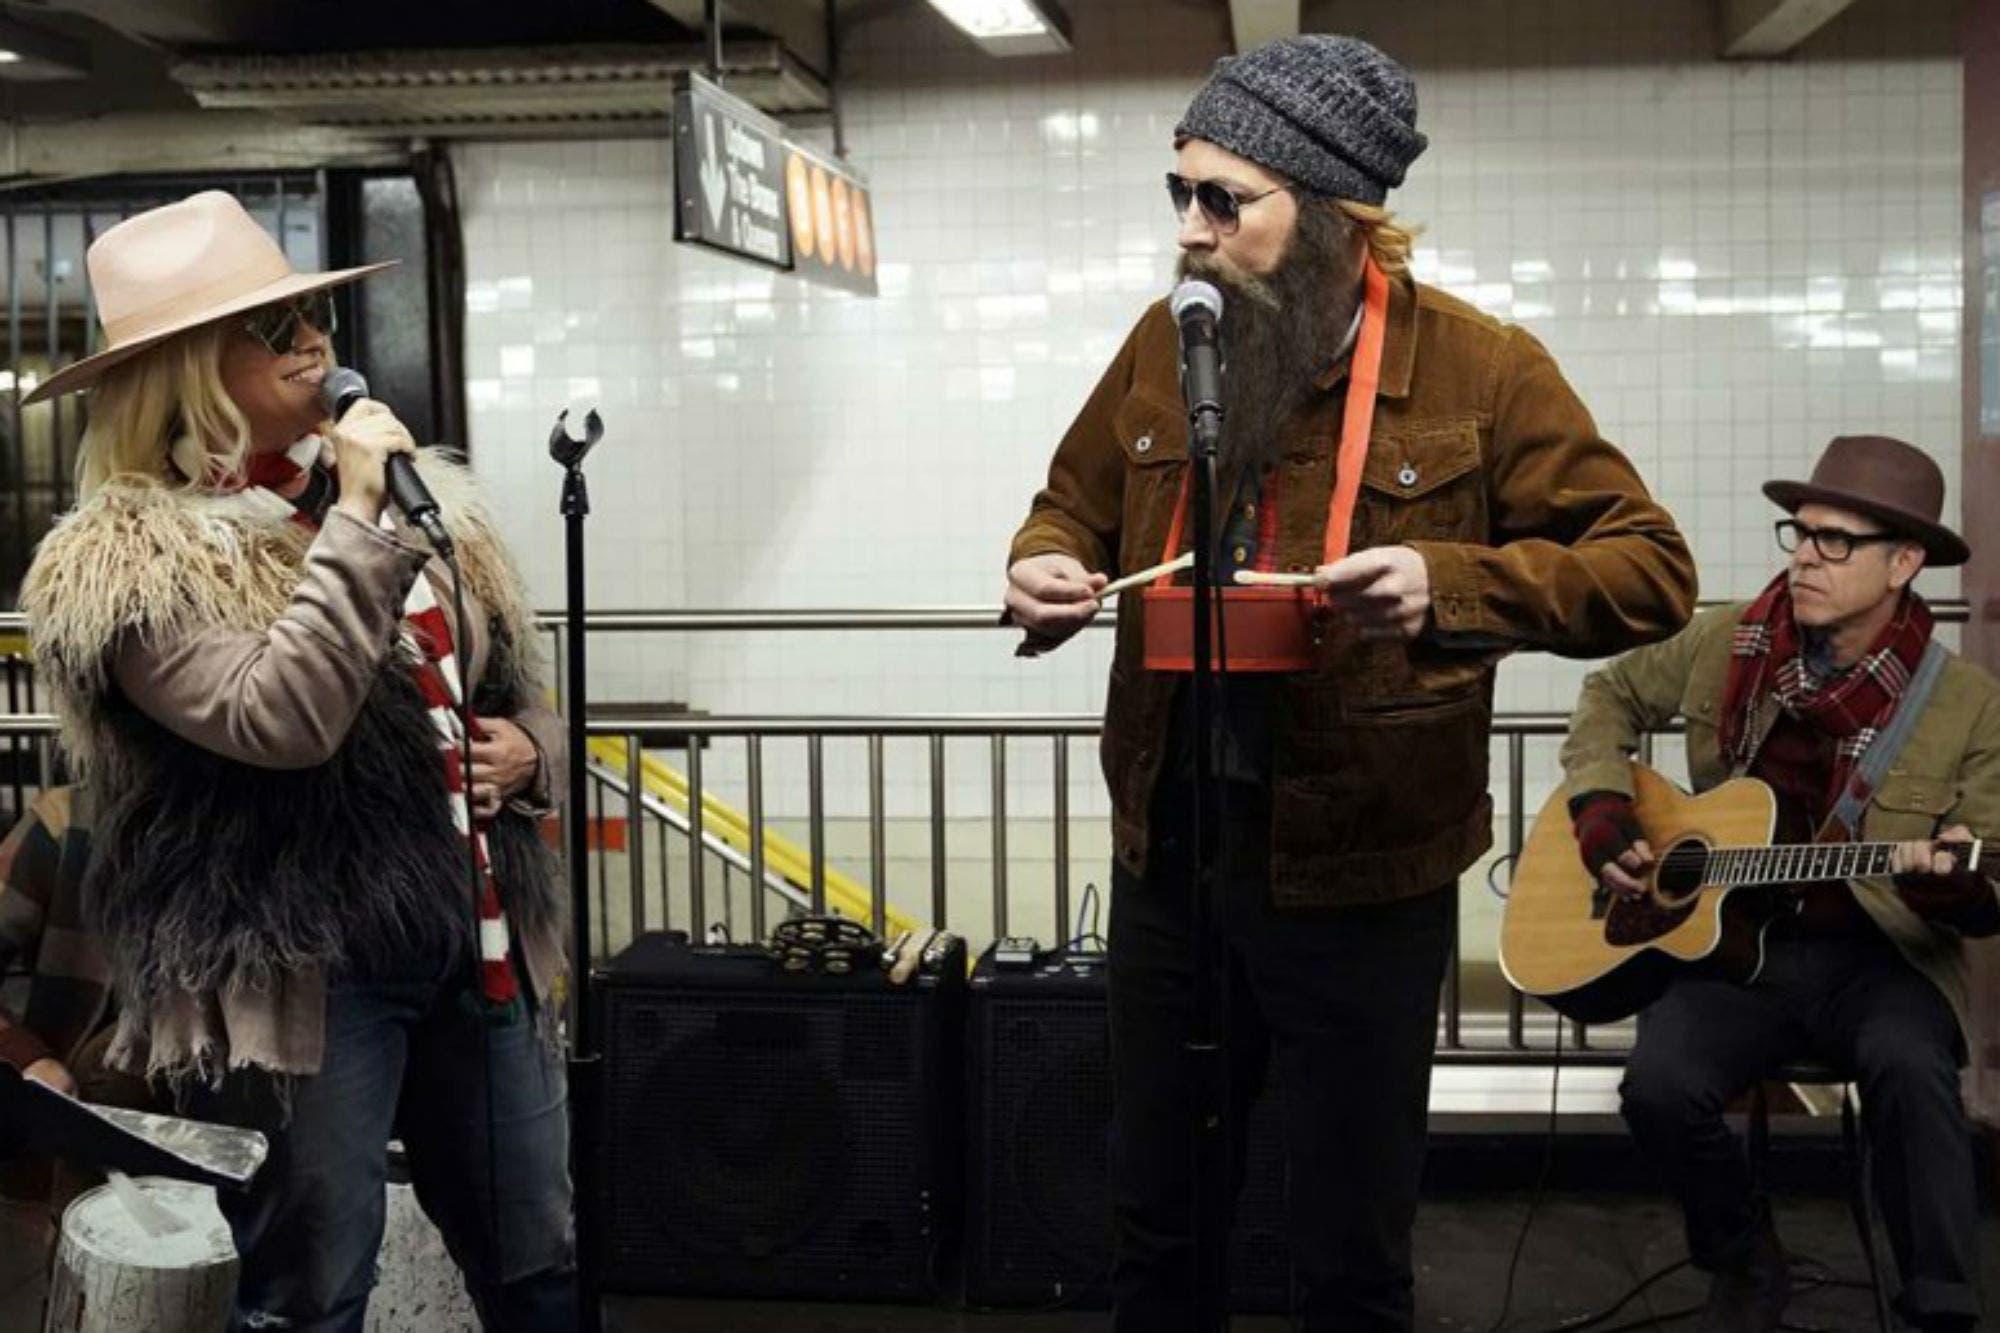 Alanis Morissette y Jimmy Fallon cantaron de incógnito en el subte de Nueva York